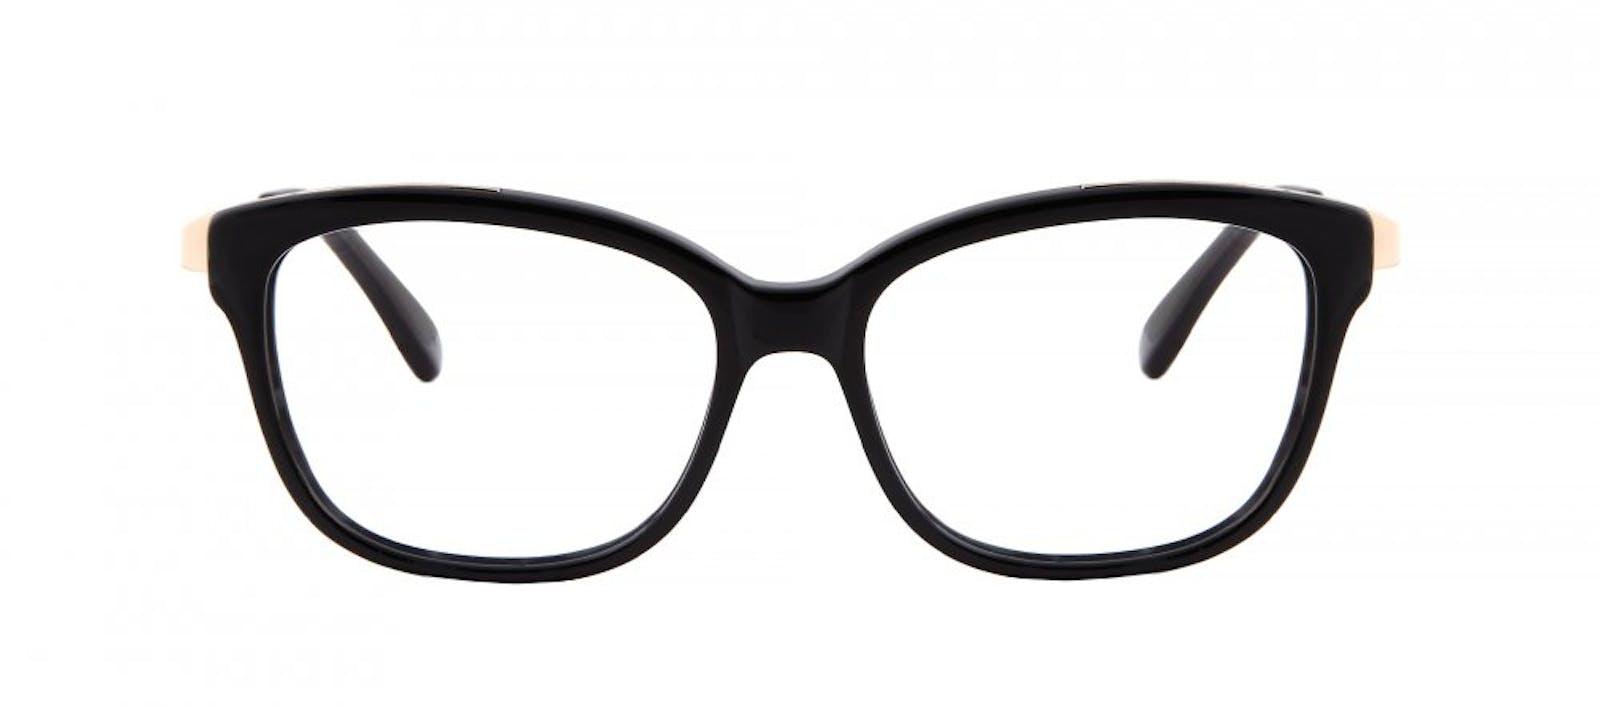 f6df259f0f8c Women's Eyeglasses - Alice in Midnight Lace | BonLook